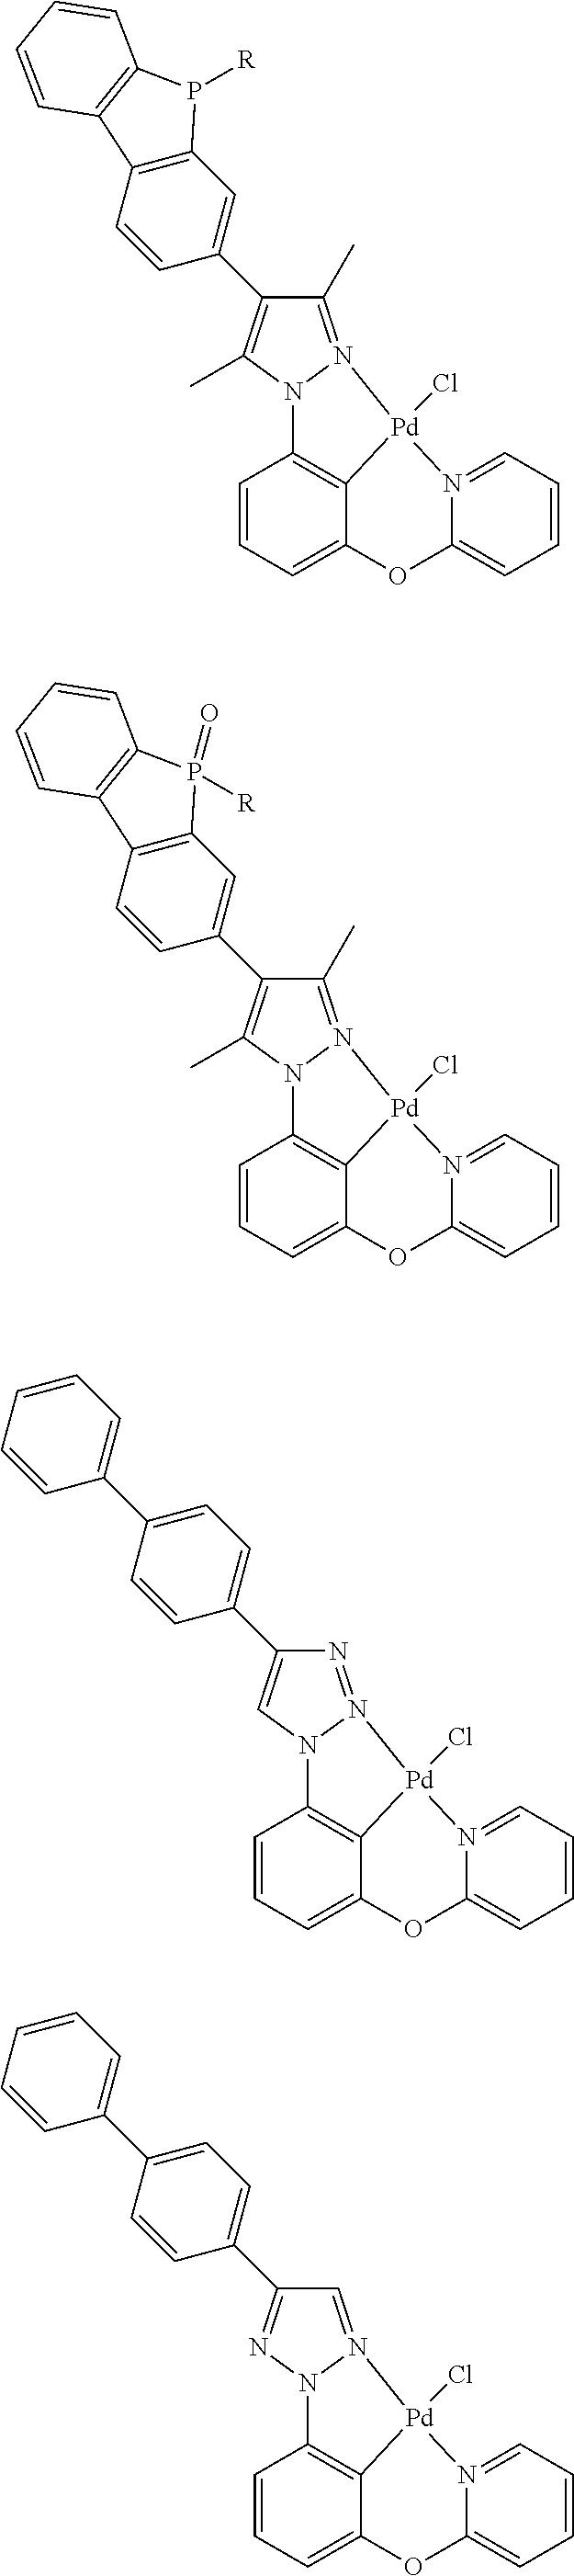 Figure US09818959-20171114-C00173